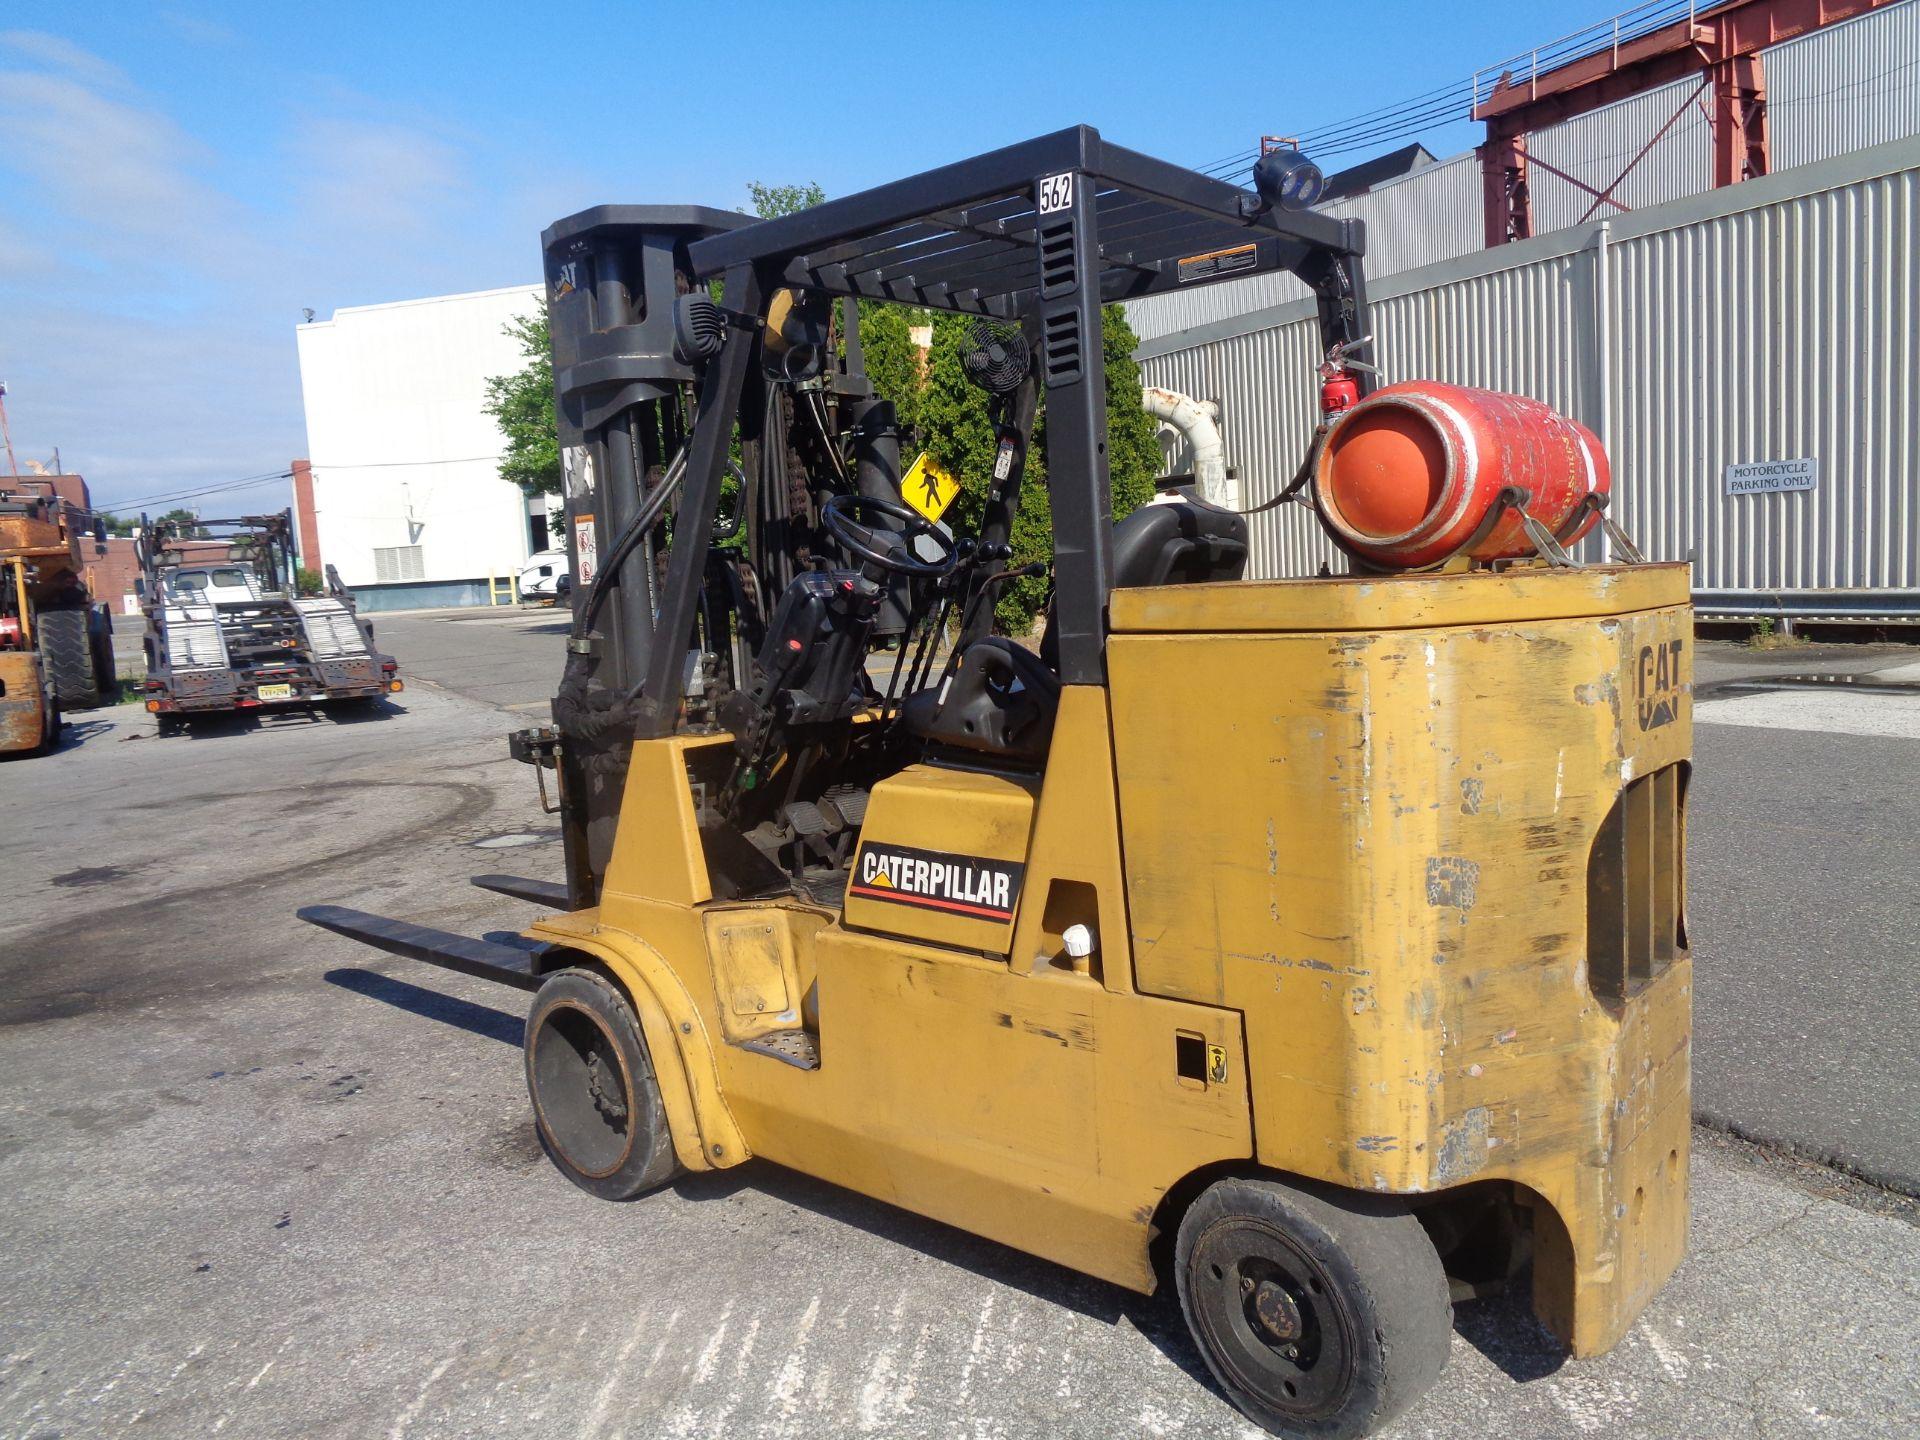 Caterpillar GC55KSTR 11,000lb Forklift - Image 4 of 14